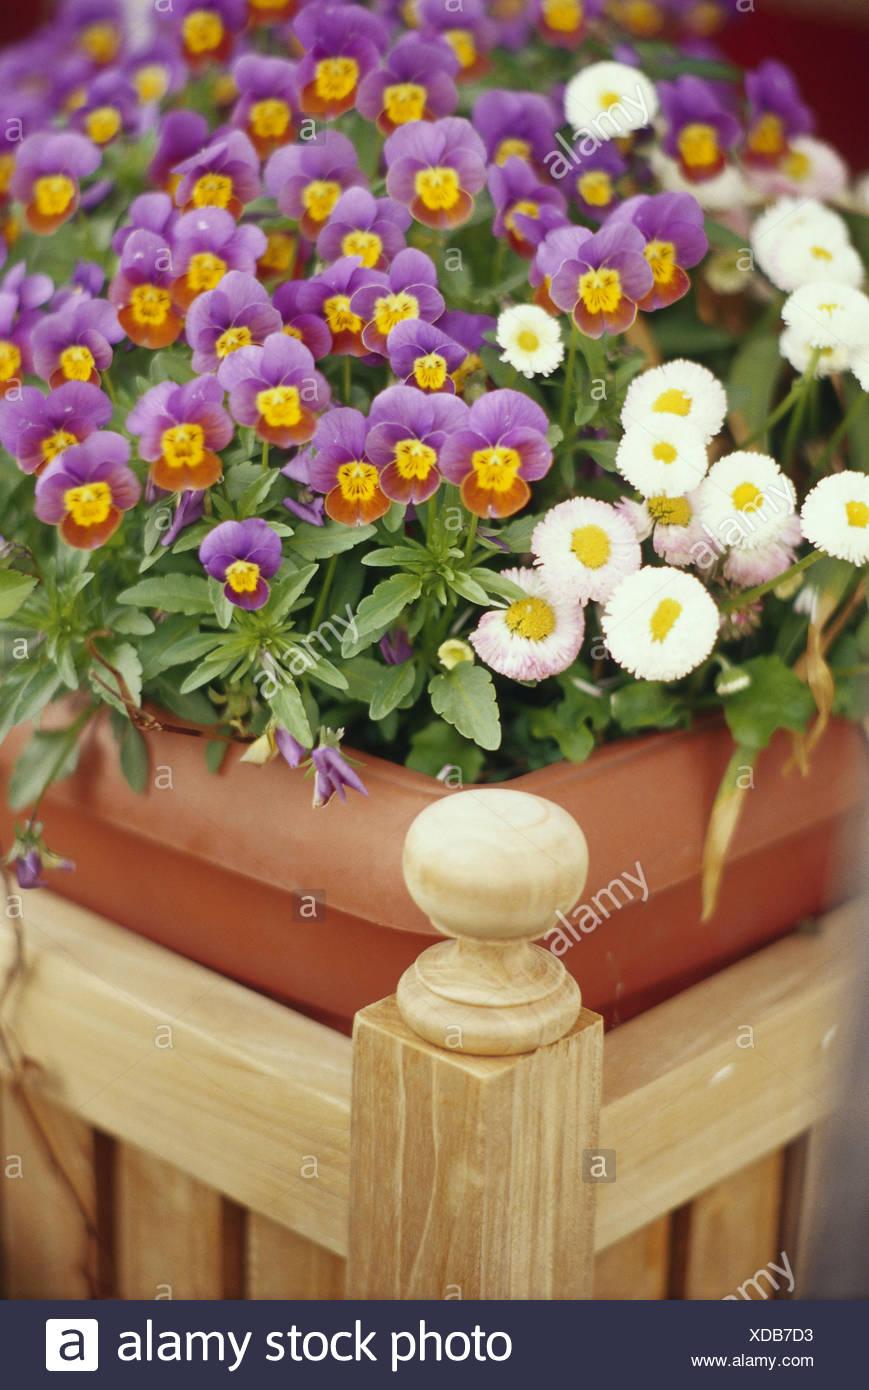 Flowerpot, pansy, daisy, medium close-up, summer, flowers, decoration, flower decoration, case, flower tub, Pflanztrog, wooden, Bellies, summer flowers, detail, - Stock Image